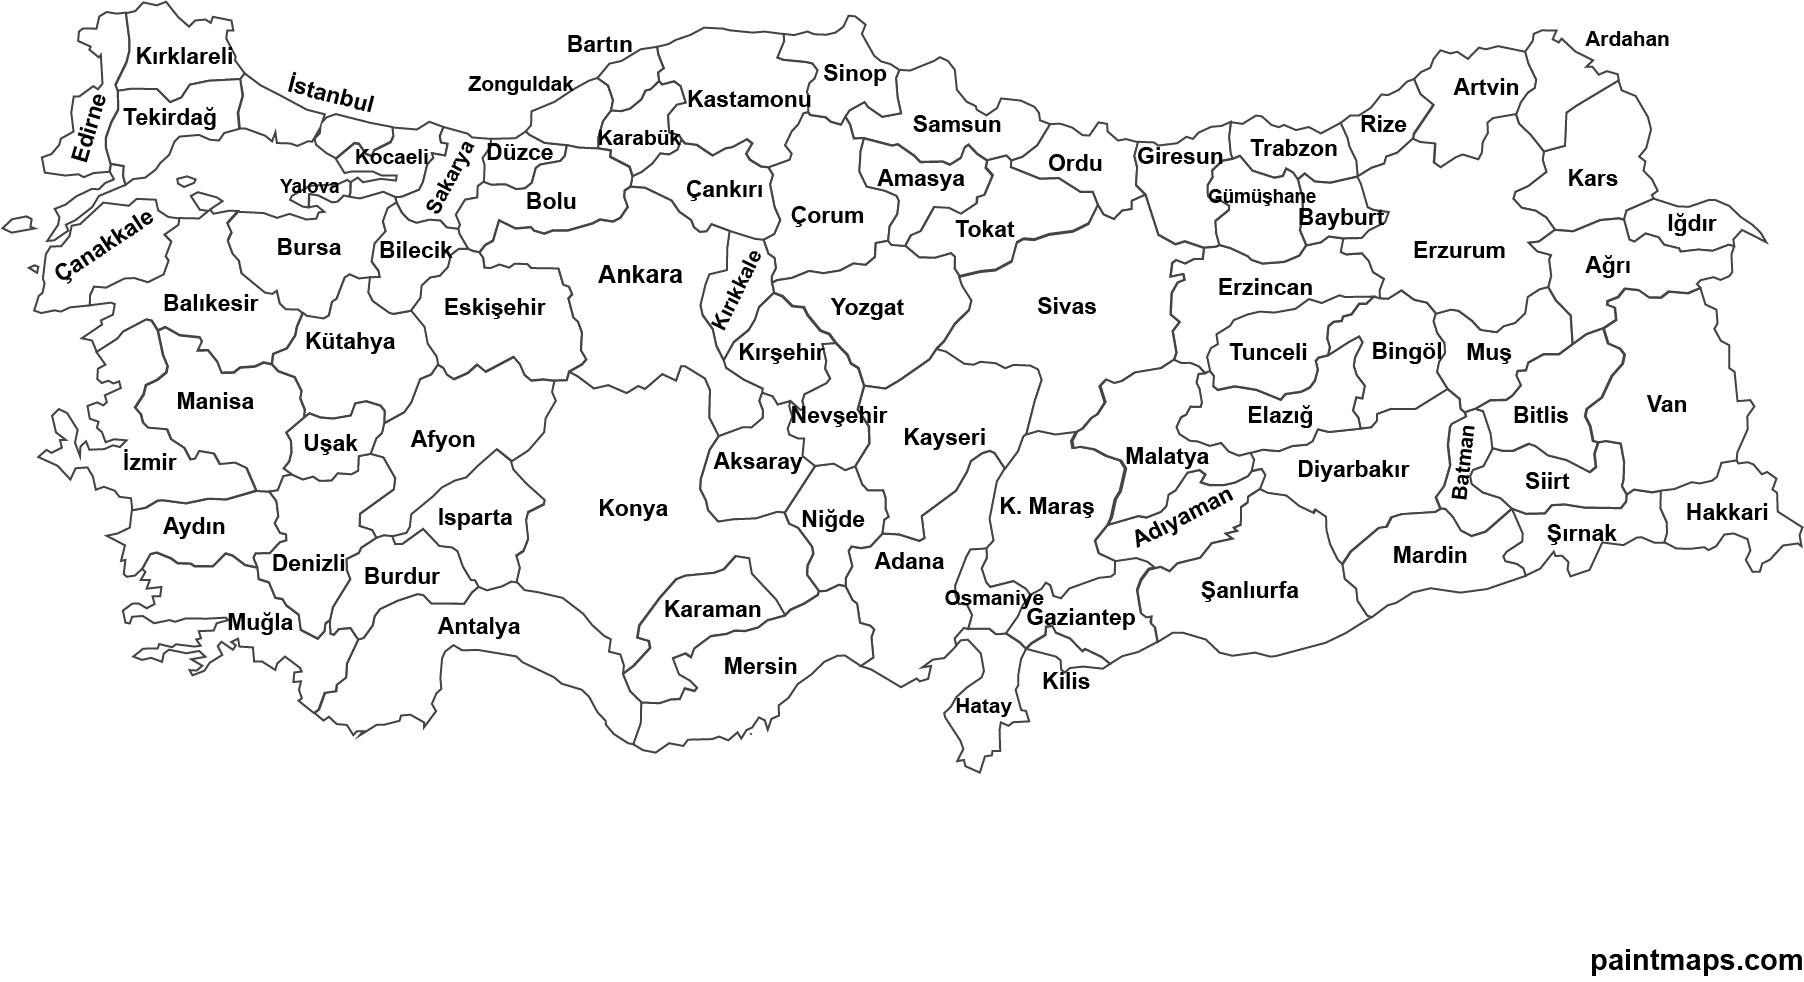 Ücretsiz Turkiye Haritasi Vektorel (EPS, SVG, PDF, PNG